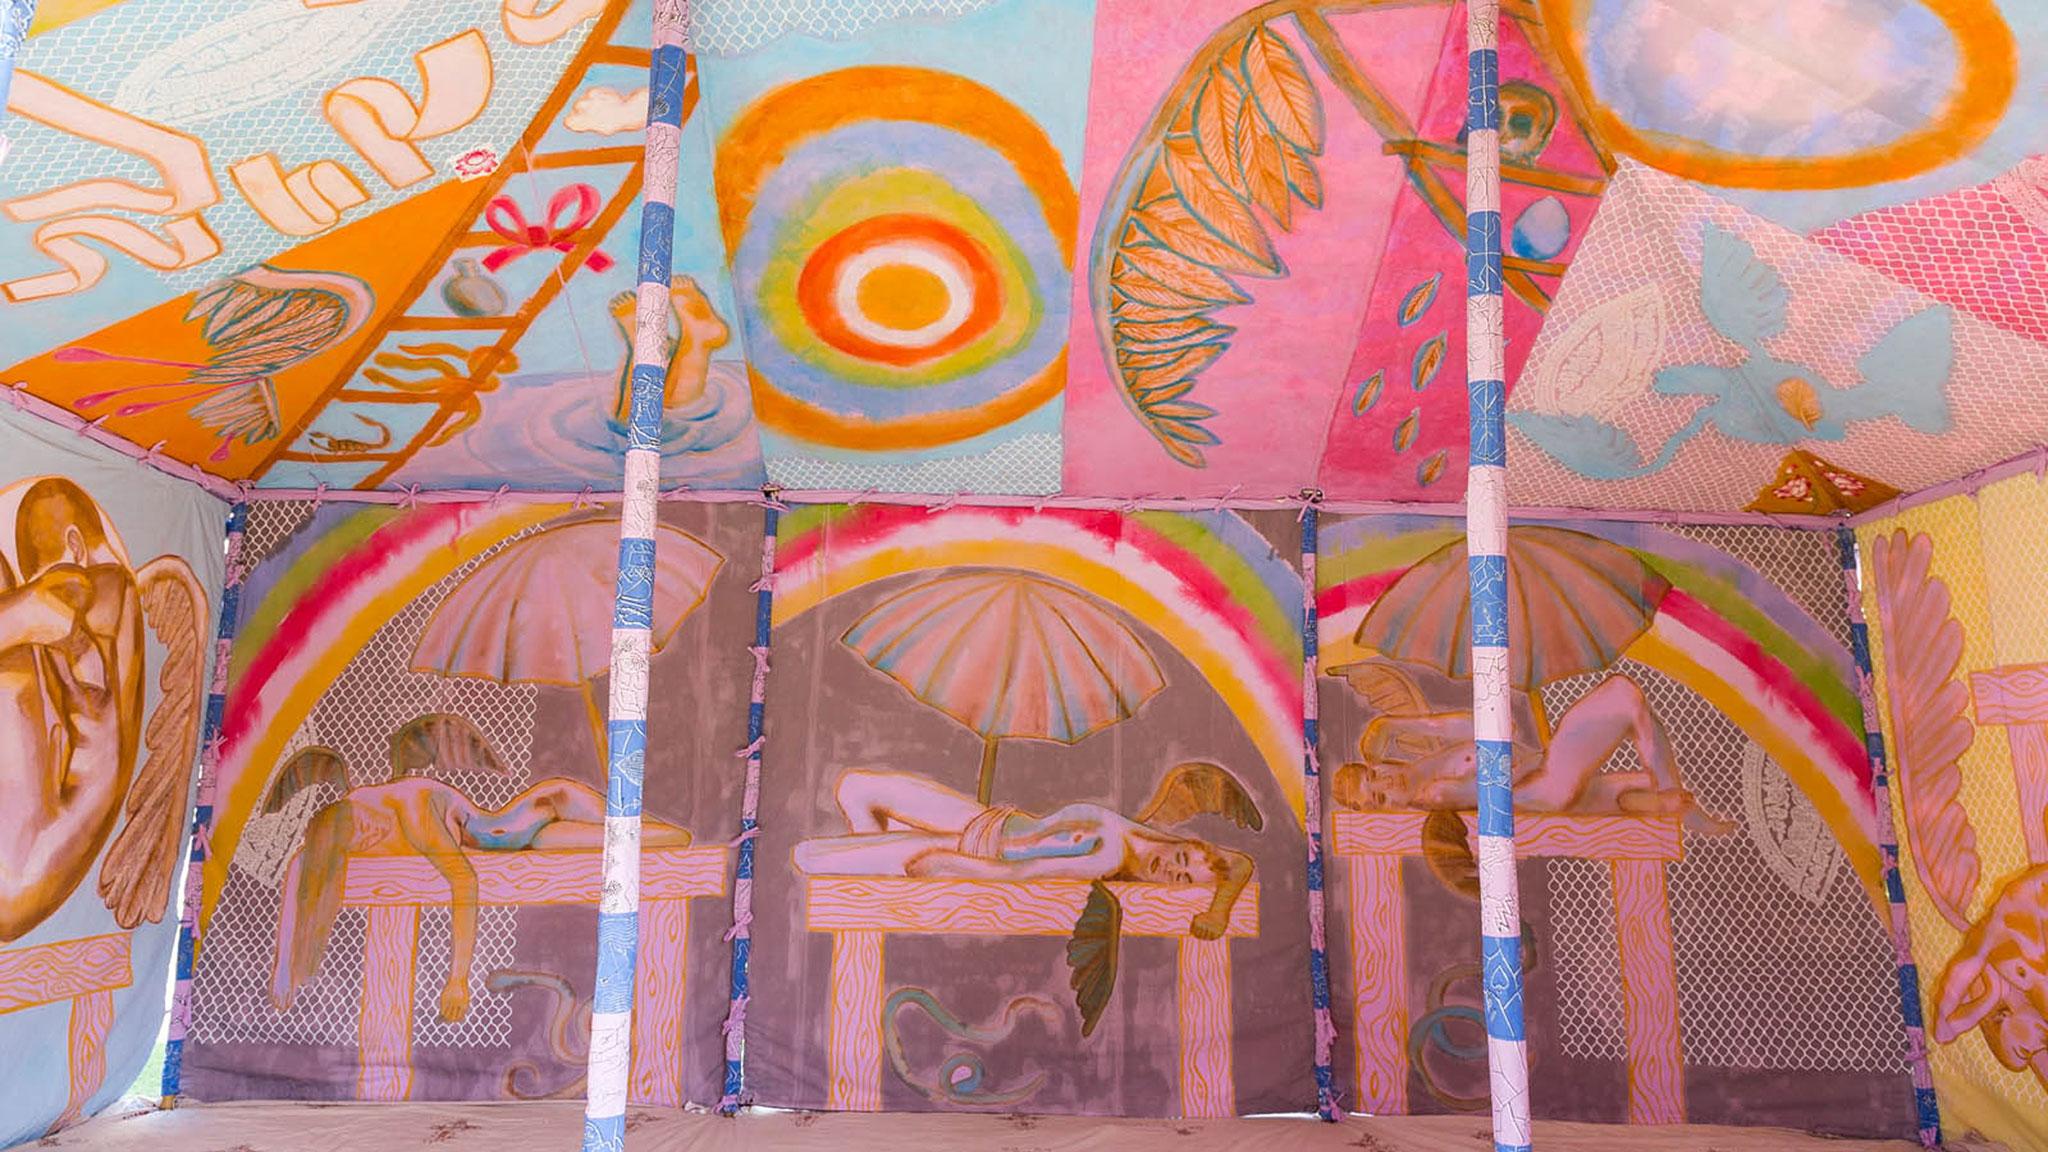 FRANCESCO CLEMENTE, 'ANGELS TENT'